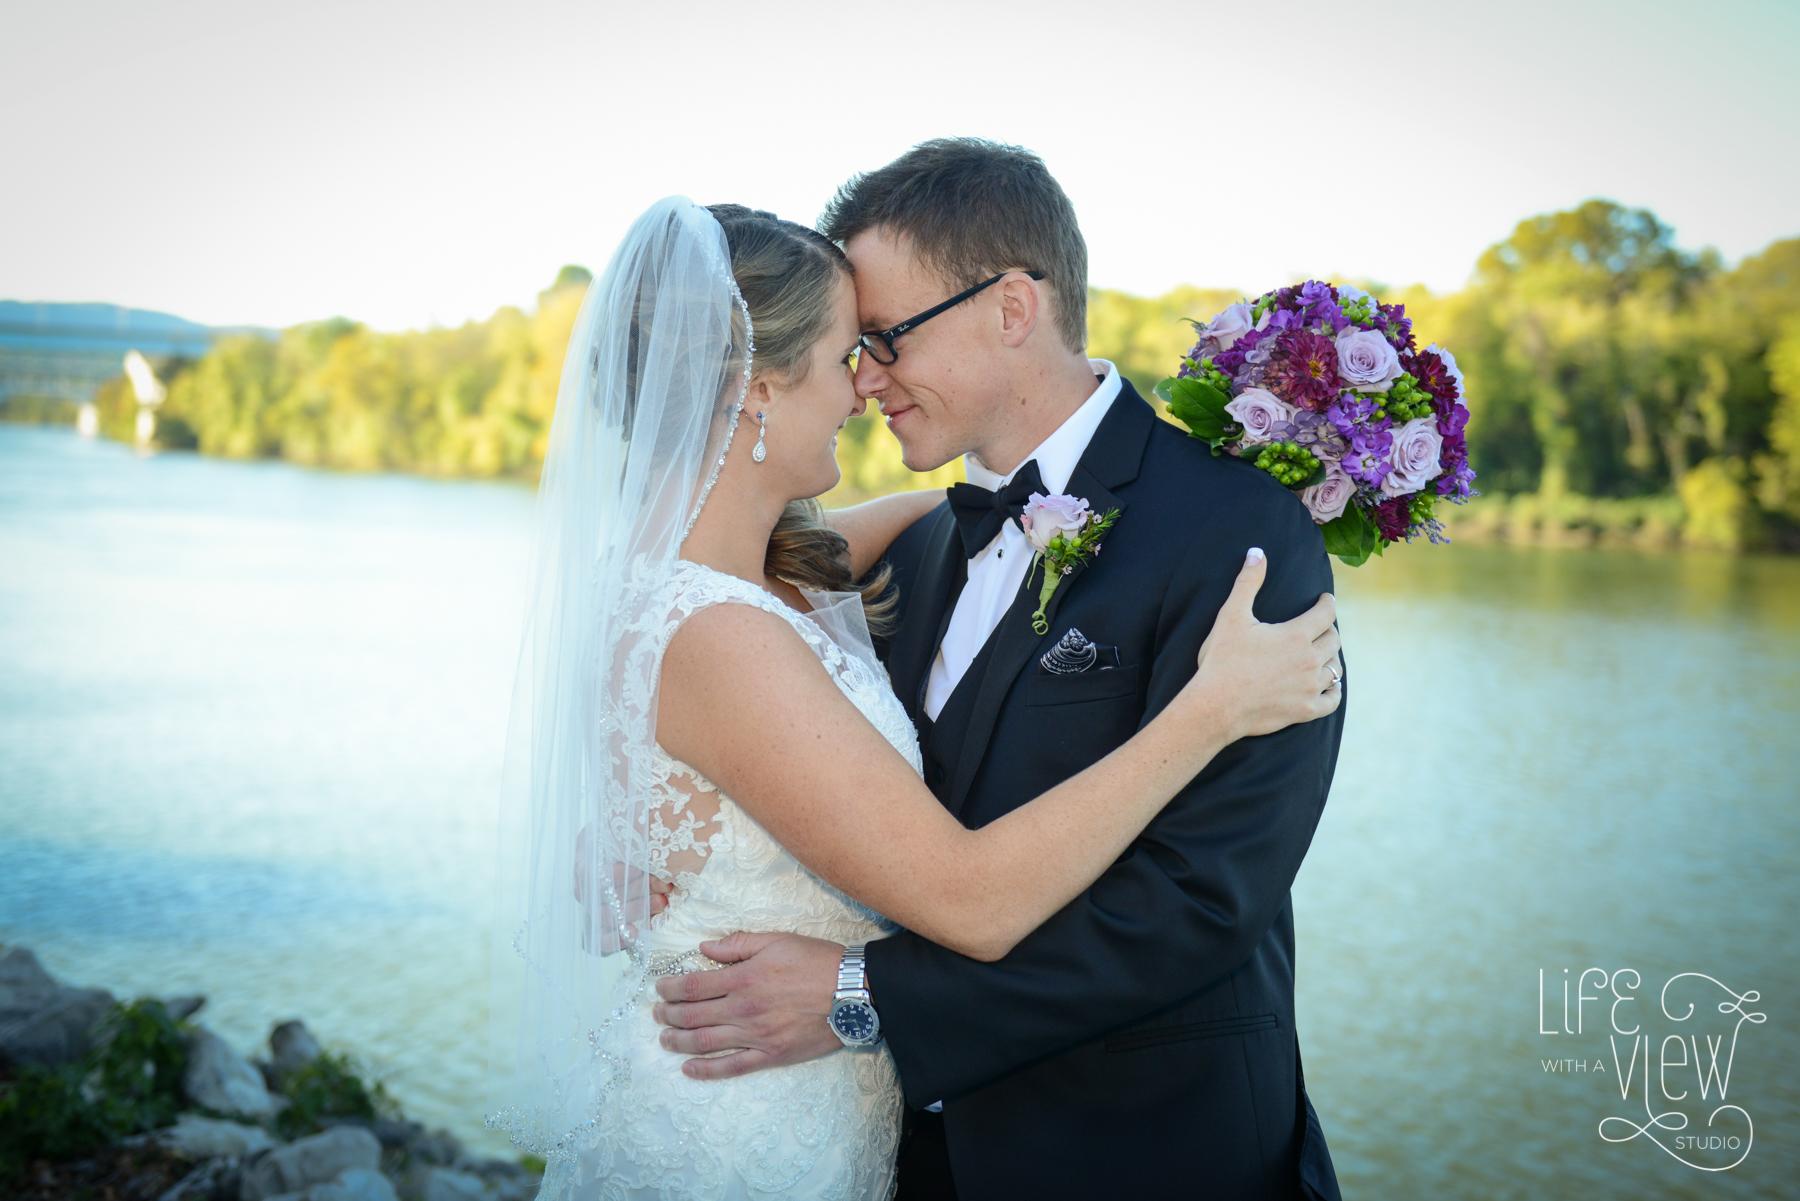 Manker-Patten-Wedding-38.jpg